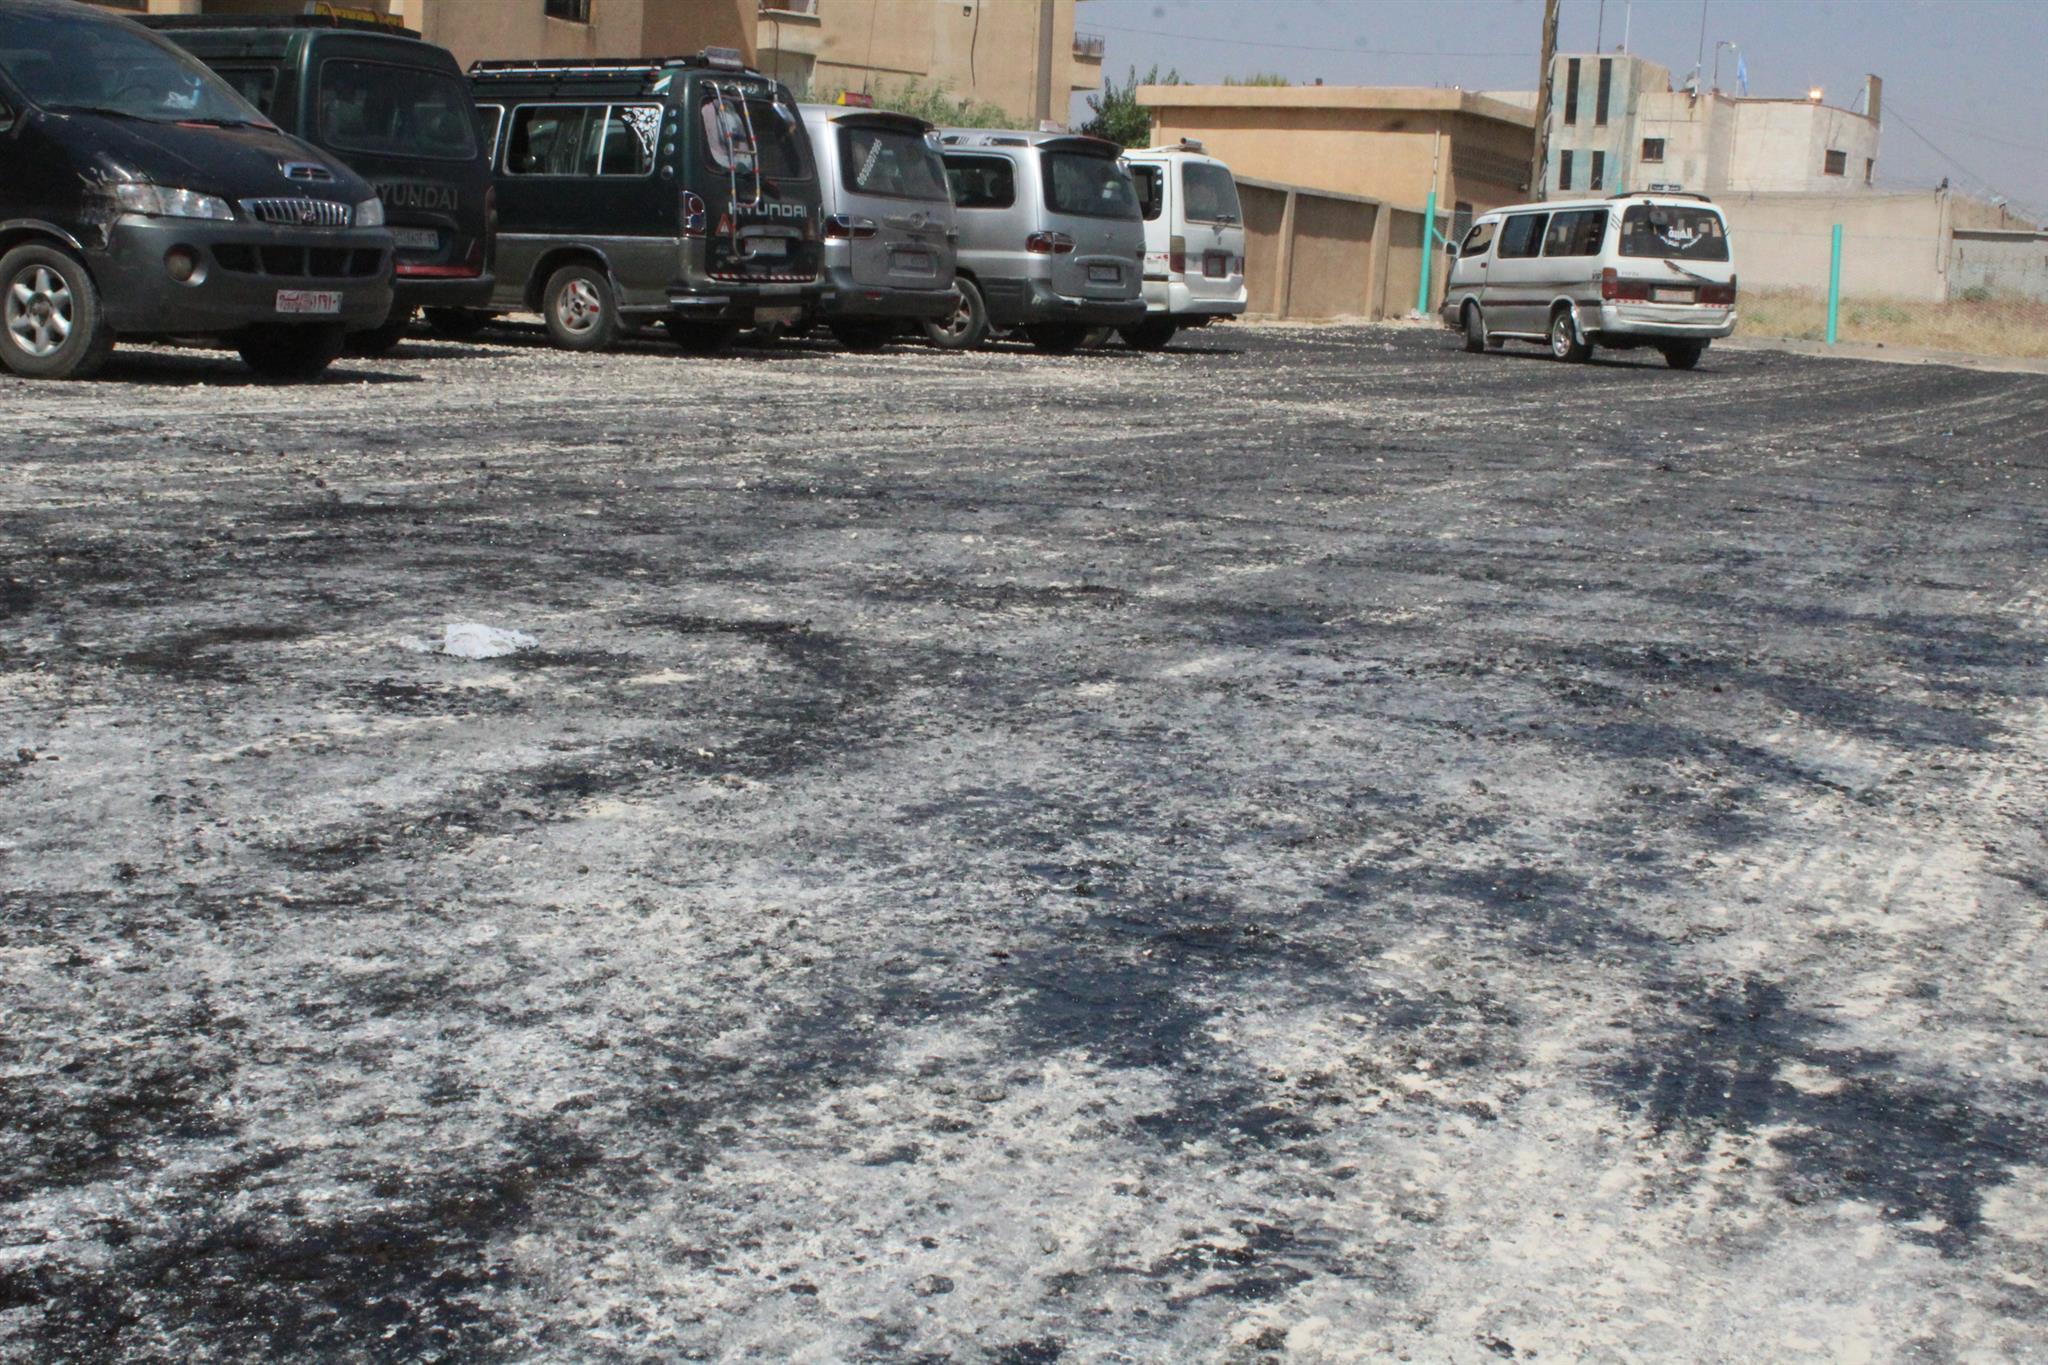 استجابة لطلبات الأهالي بلدية كركي لكي تنفذ مشروع صيانة الطرق